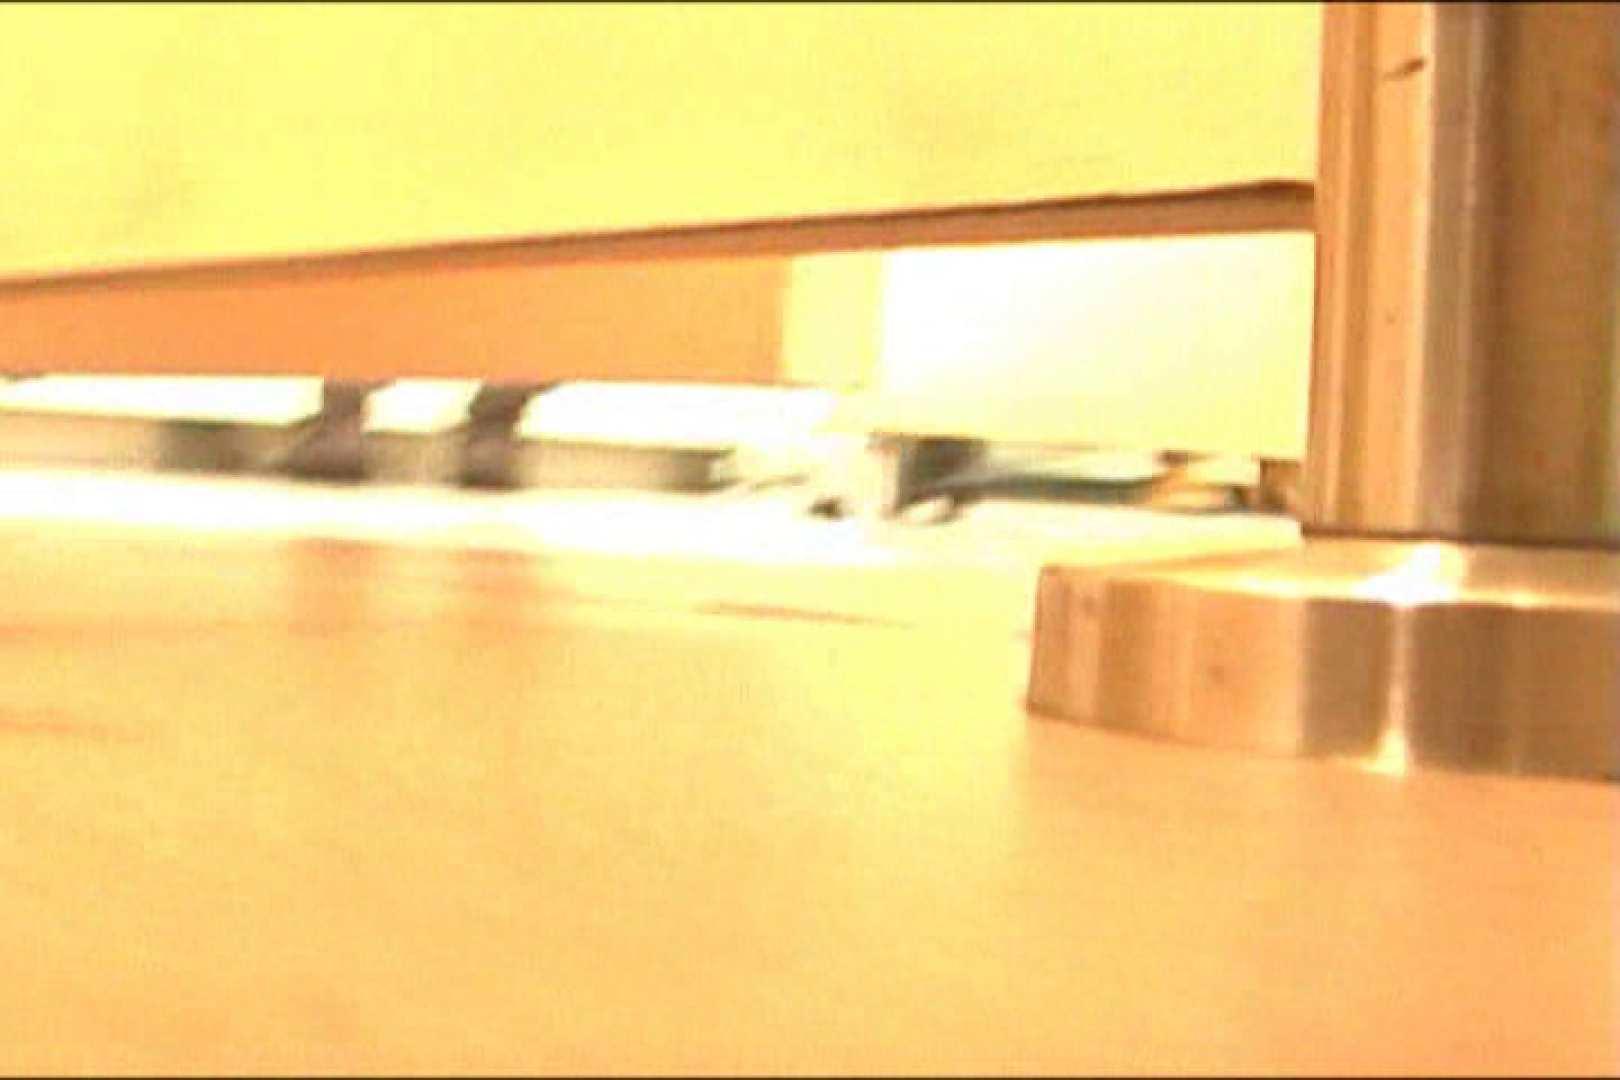 マンコ丸見え女子洗面所Vol.8 丸見え AV動画キャプチャ 98pic 5